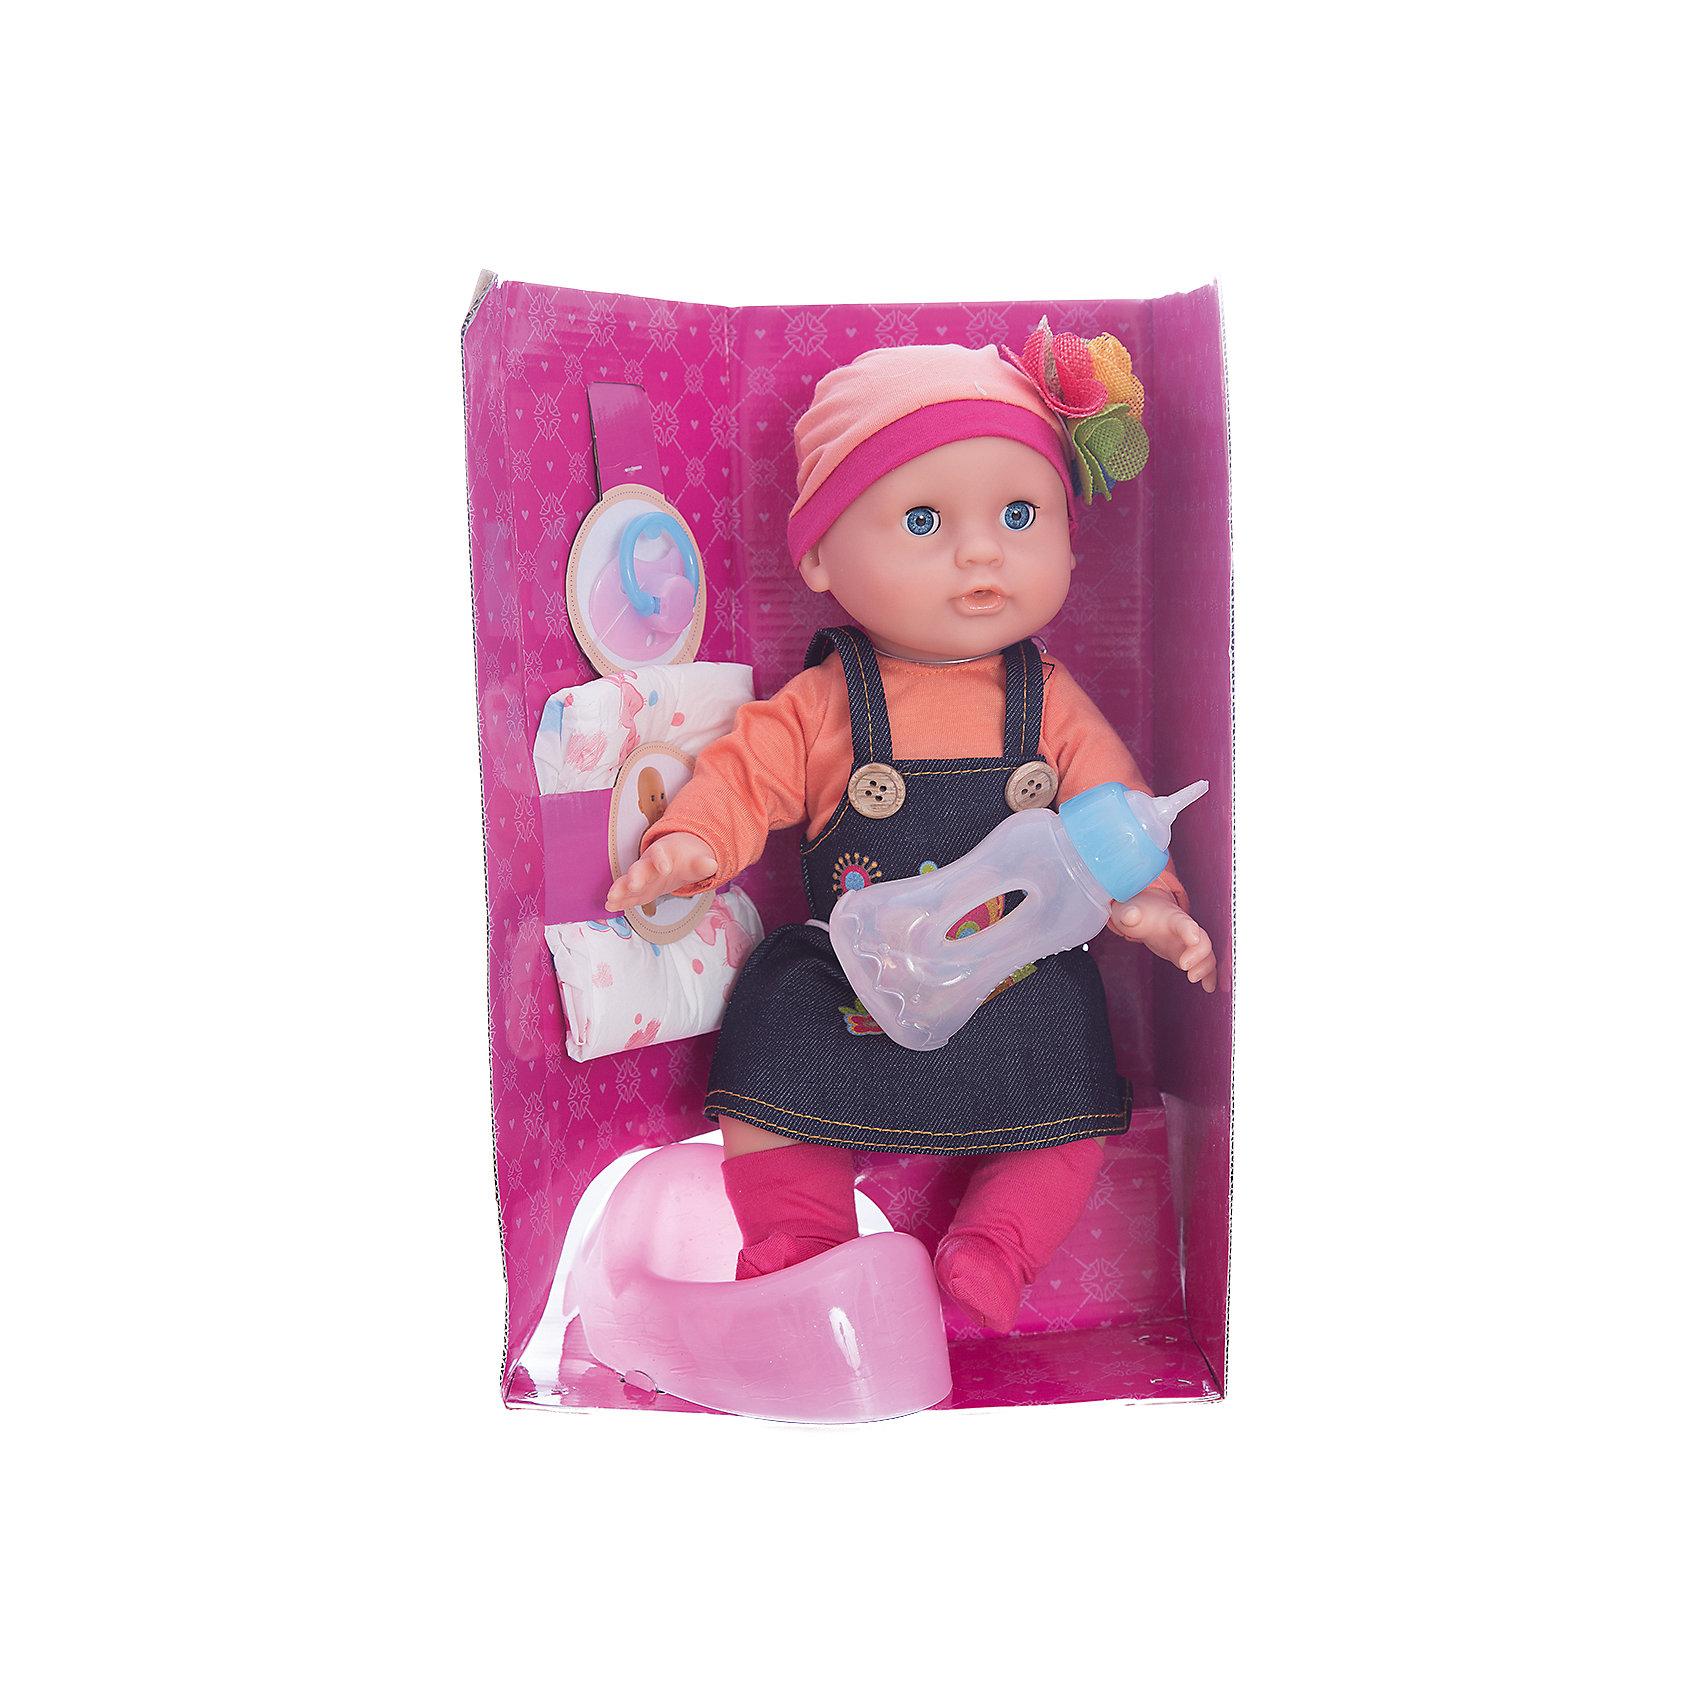 Кукла Элли Позаботься обо мне, 32 см, Mary PoppinsКуклы-пупсы<br>Кукла Элли Позаботься обо мне, 32 см, Mary Poppins.<br><br>Характеристики:<br><br>• Комплектация: кукла, горшок, бутылочка, подгузник<br>• Высота куклы: 32 см.<br>• Материал: ПВХ, пластик, текстиль<br>• Упаковка: картонная коробка блистерного типа<br>• Размер упаковки: 23х13х34 см.<br><br>Кукла Элли торговой марки Mary Poppins с функцией Пью и писаю отлично подойдет для сюжетно-ролевых игр в «дочки-матери». В комплекте с куклой поставляется горшок, бутылочка и настоящий подгузник. Можно напоить куколку из бутылочки водой и посадить на горшок или надеть ей подгузник. Кукла одета в стильный сарафан, кофточку, носочки и шапочку с цветком из эксклюзивной коллекции Цветочки. Элли можно купать в ванной (тельце у куклы твердое) и укладывать спать - в горизонтальном положении ее глаза закрываются.<br><br>Куклу Элли Позаботься обо мне, 32 см, Mary Poppins можно купить в нашем интернет-магазине.<br><br>Ширина мм: 225<br>Глубина мм: 130<br>Высота мм: 340<br>Вес г: 750<br>Возраст от месяцев: 24<br>Возраст до месяцев: 2147483647<br>Пол: Женский<br>Возраст: Детский<br>SKU: 5402755